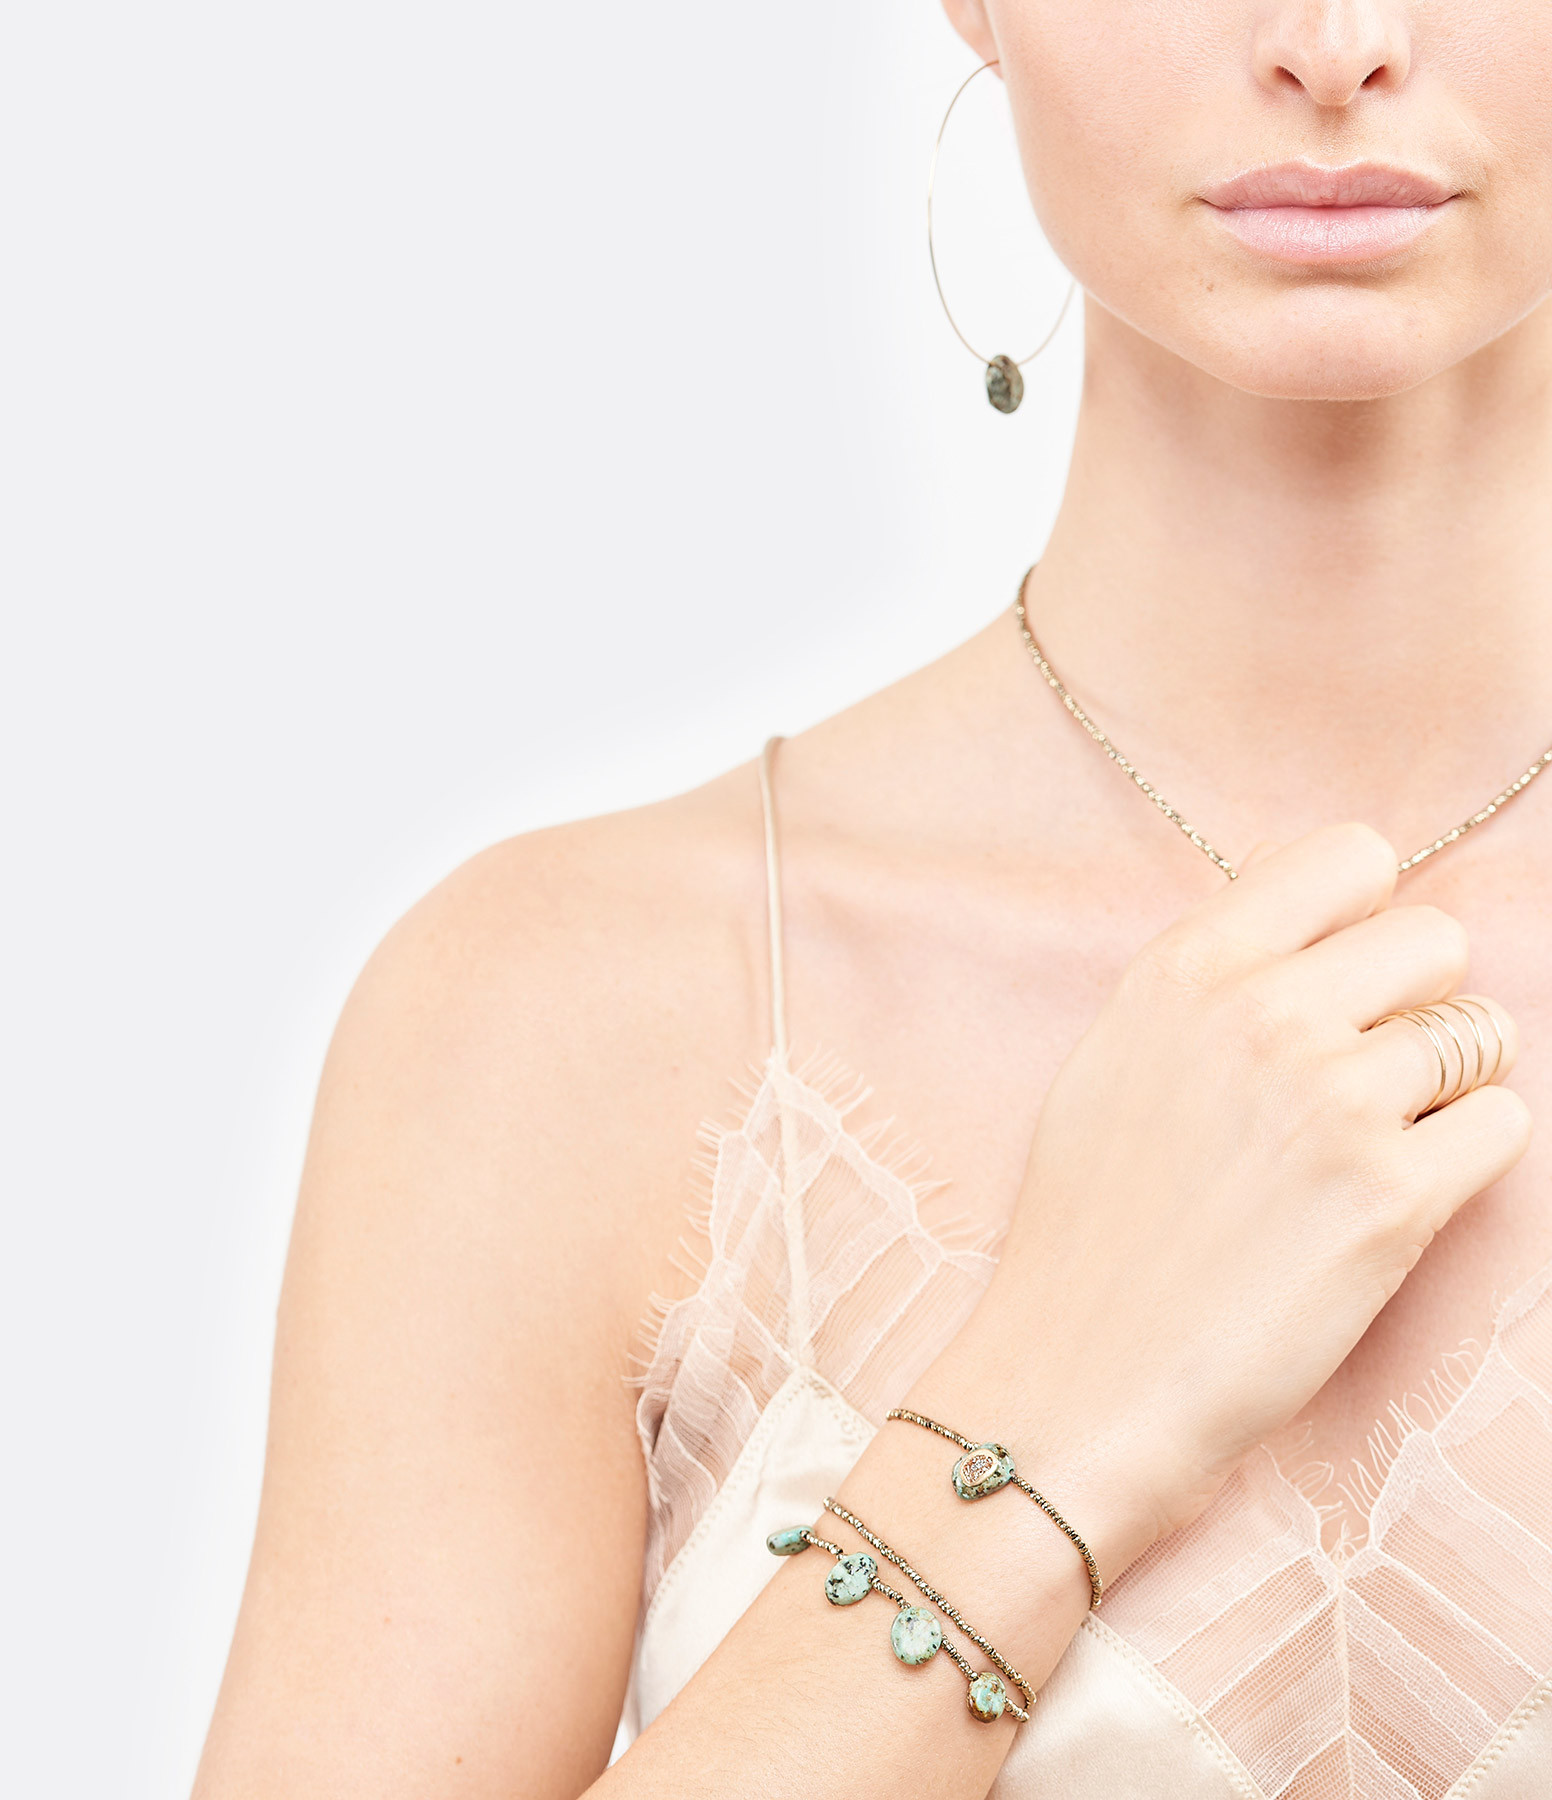 LSONGE - Bracelet Minéral Hématite Turquoise AGD